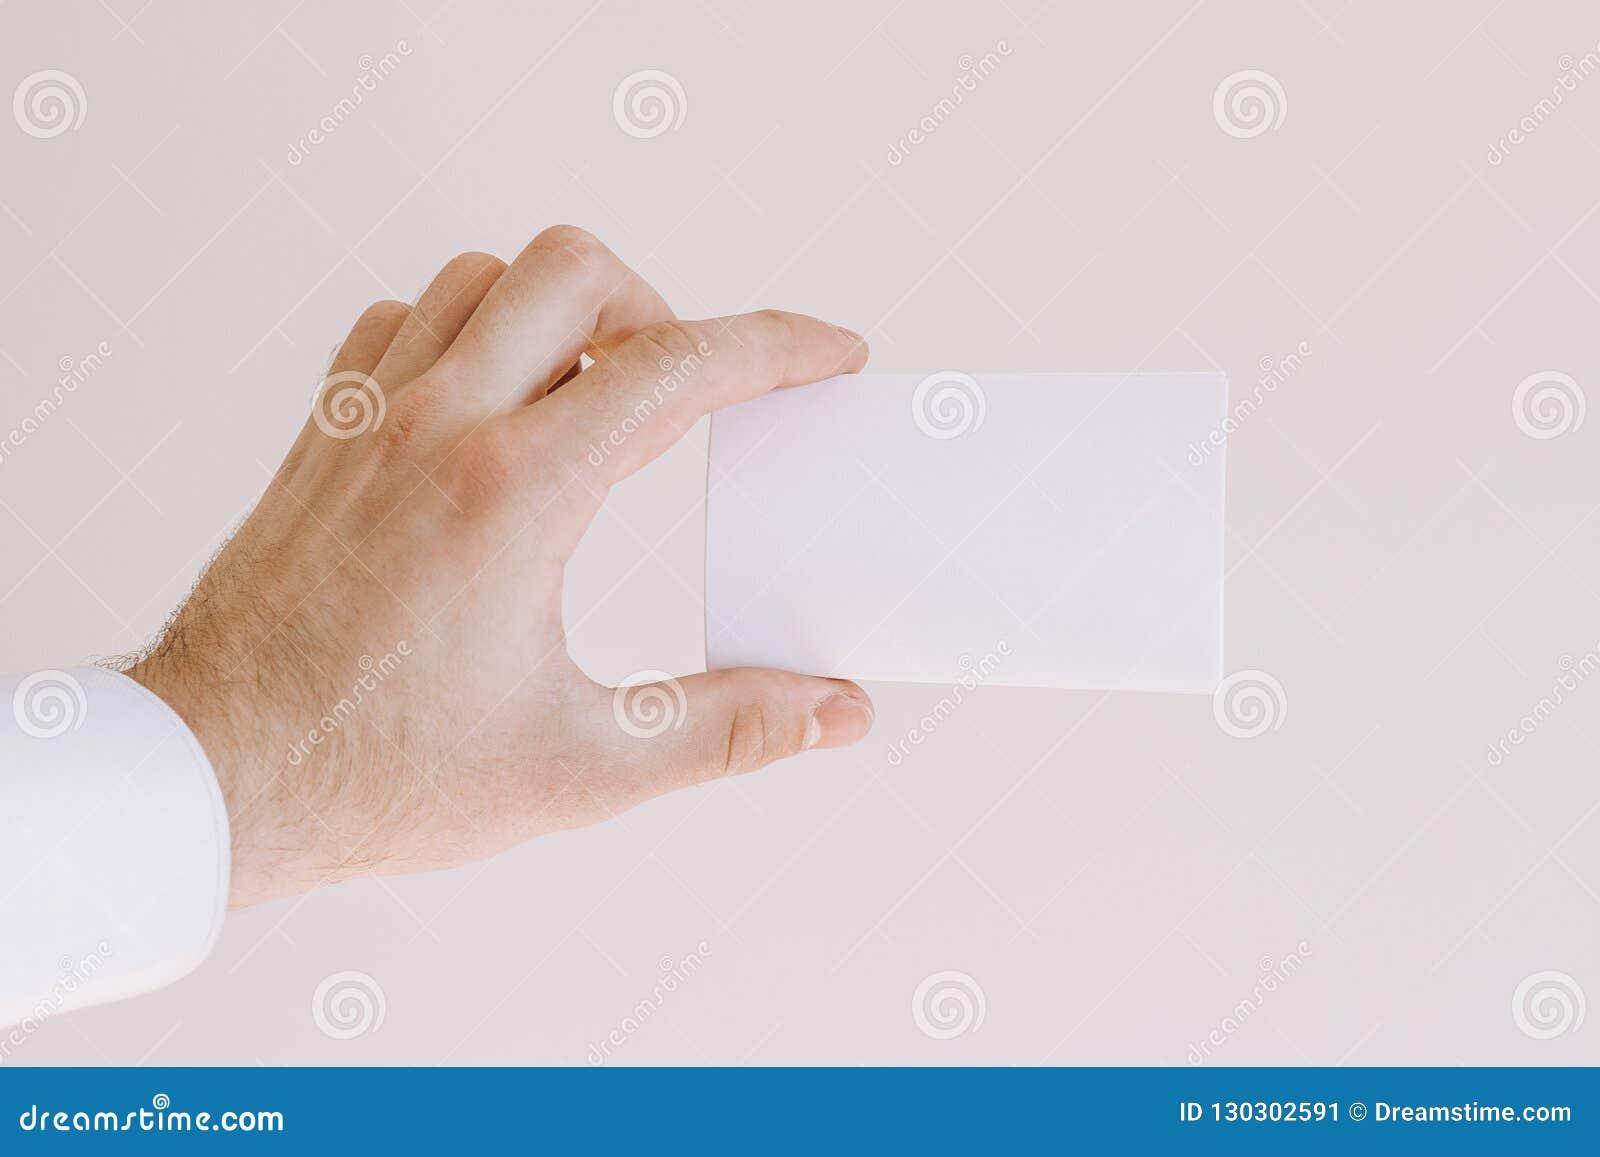 Рука человека в белой рубашке показывая пустую карту